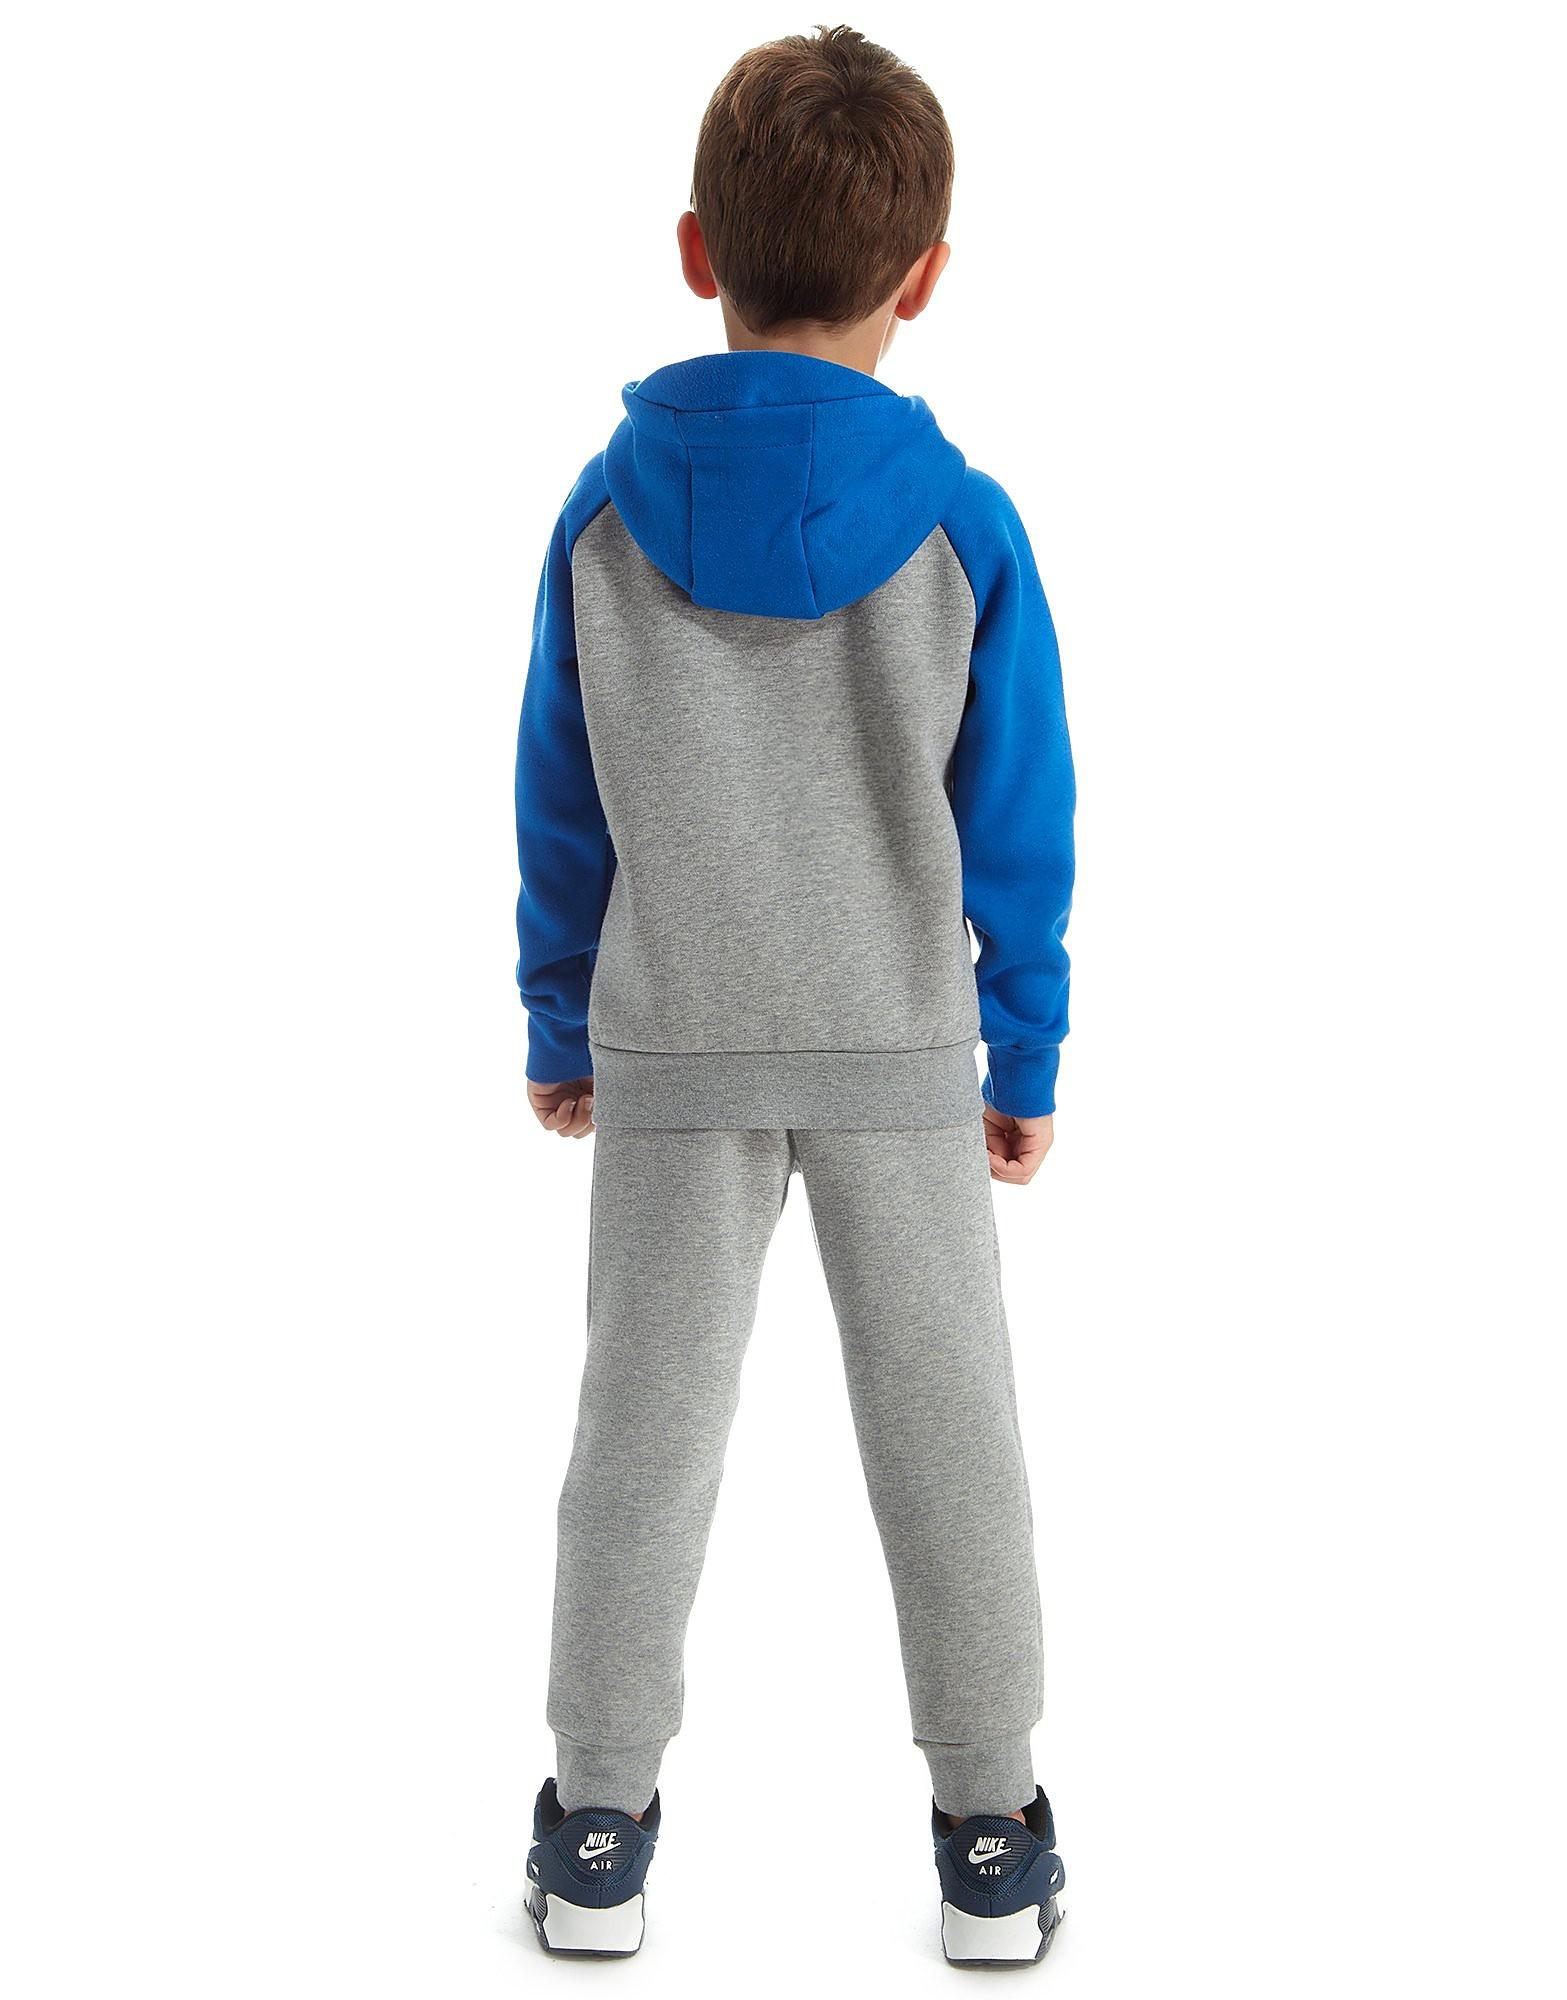 Nike Air Fleece Suit Children